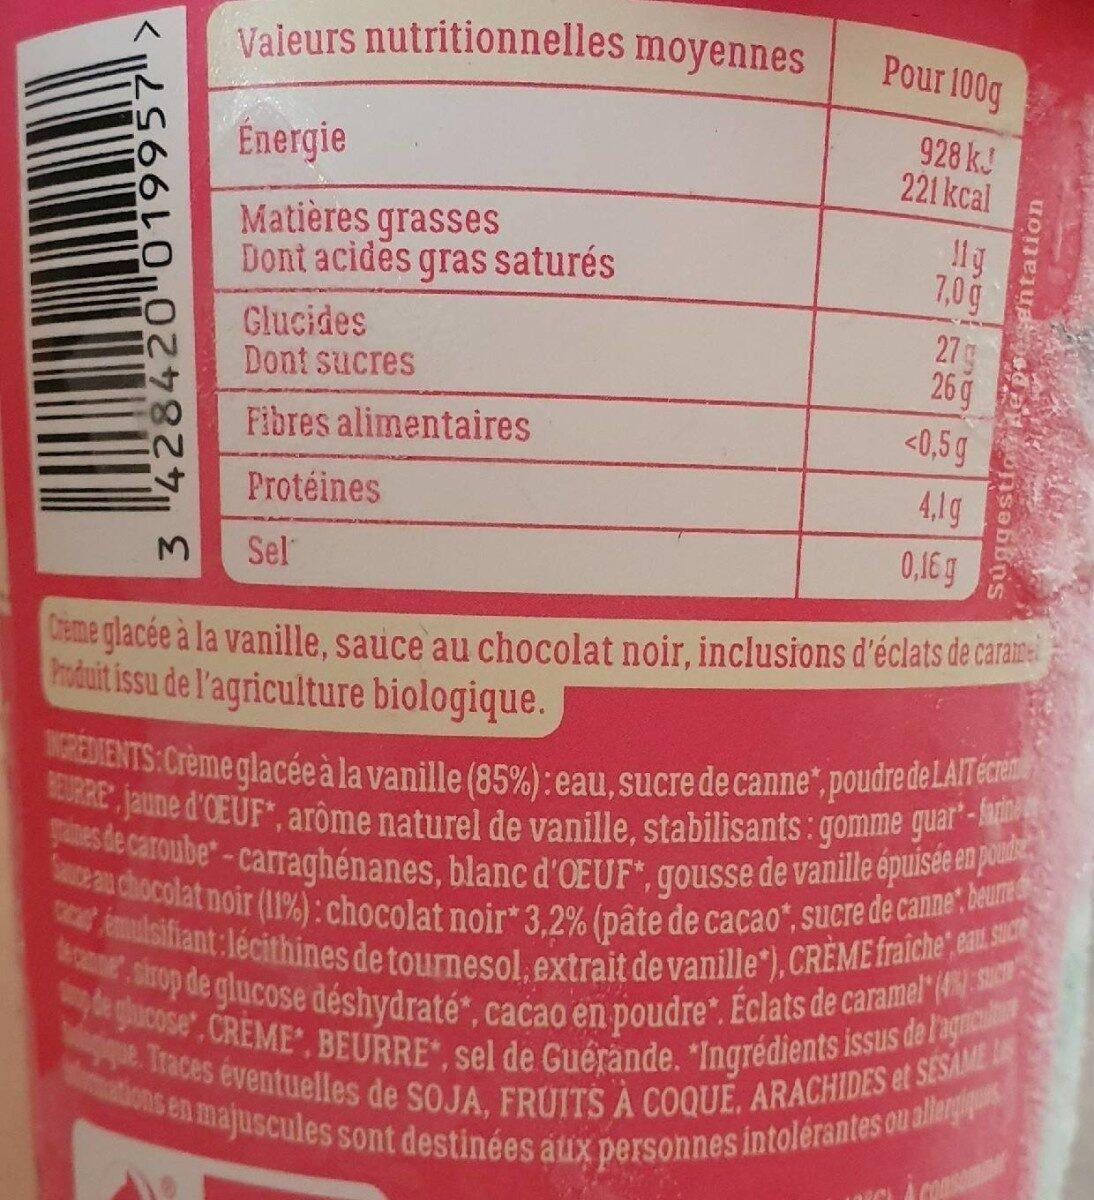 WTF?! coup de foudre - Informations nutritionnelles - fr